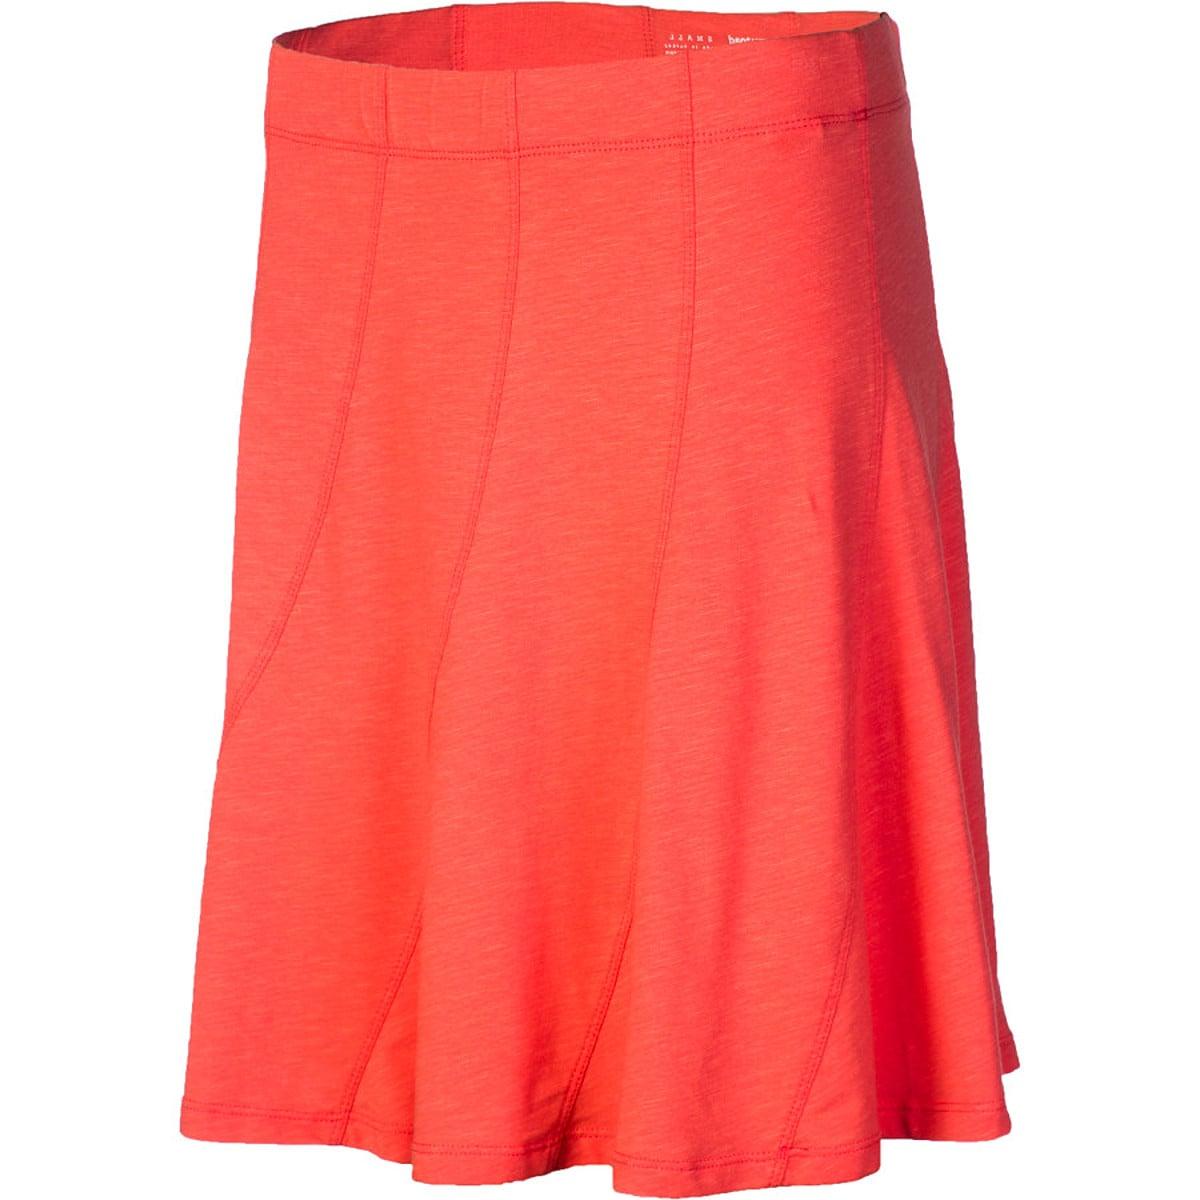 Chachacha Skirt - Women